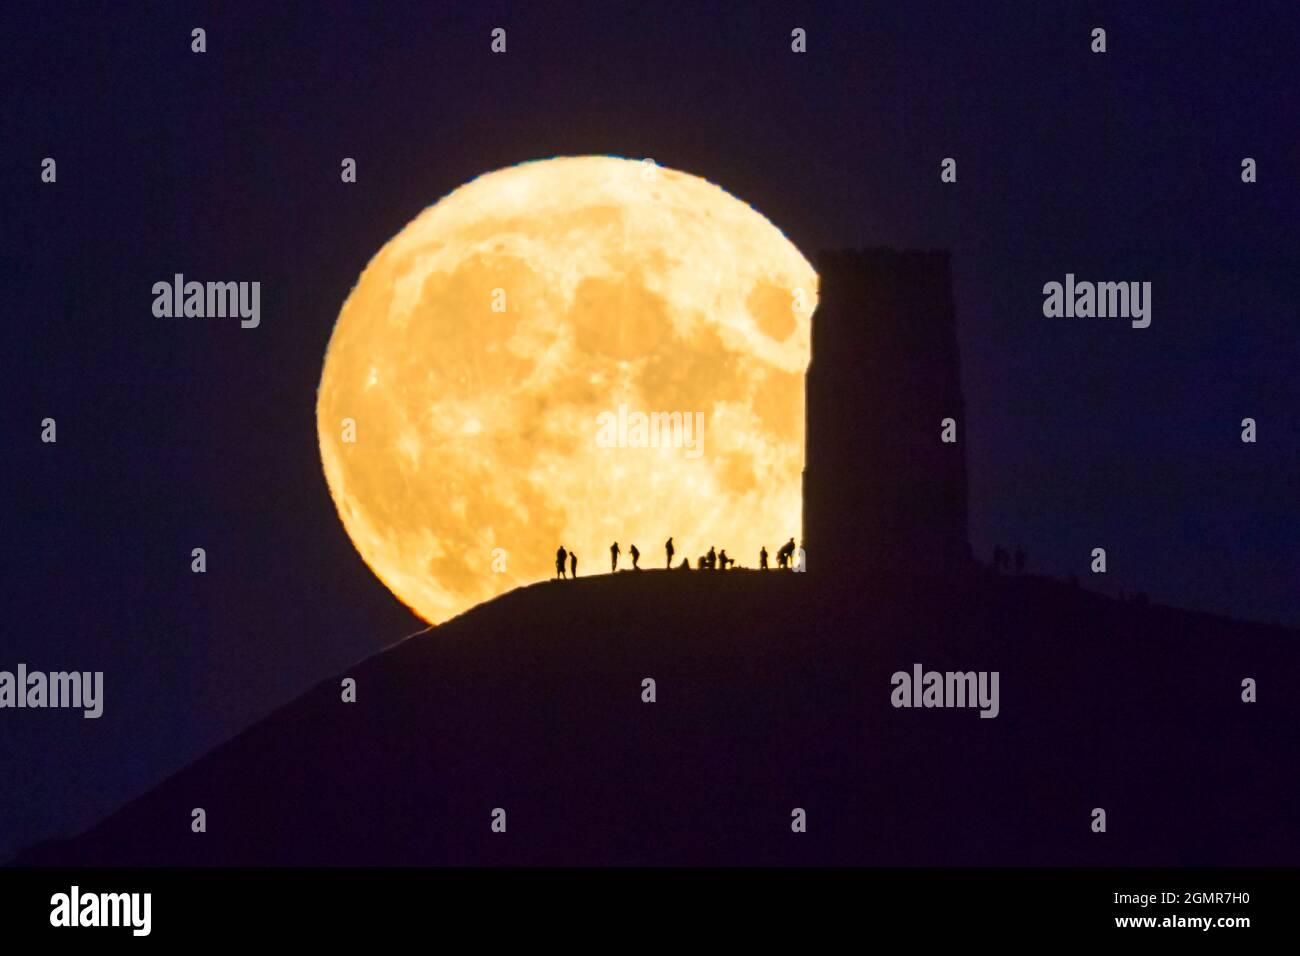 Glastonbury, Somerset, Regno Unito. 20 settembre 2021. Meteo Regno Unito. L'intera Harvest Moon si innalza nel cielo notturno chiaro da dietro la St Michael's Tower a Glastonbury Tor, nel Somerset che silhouette le persone in cima. Picture Credit: Graham Hunt/Alamy Live News Foto Stock